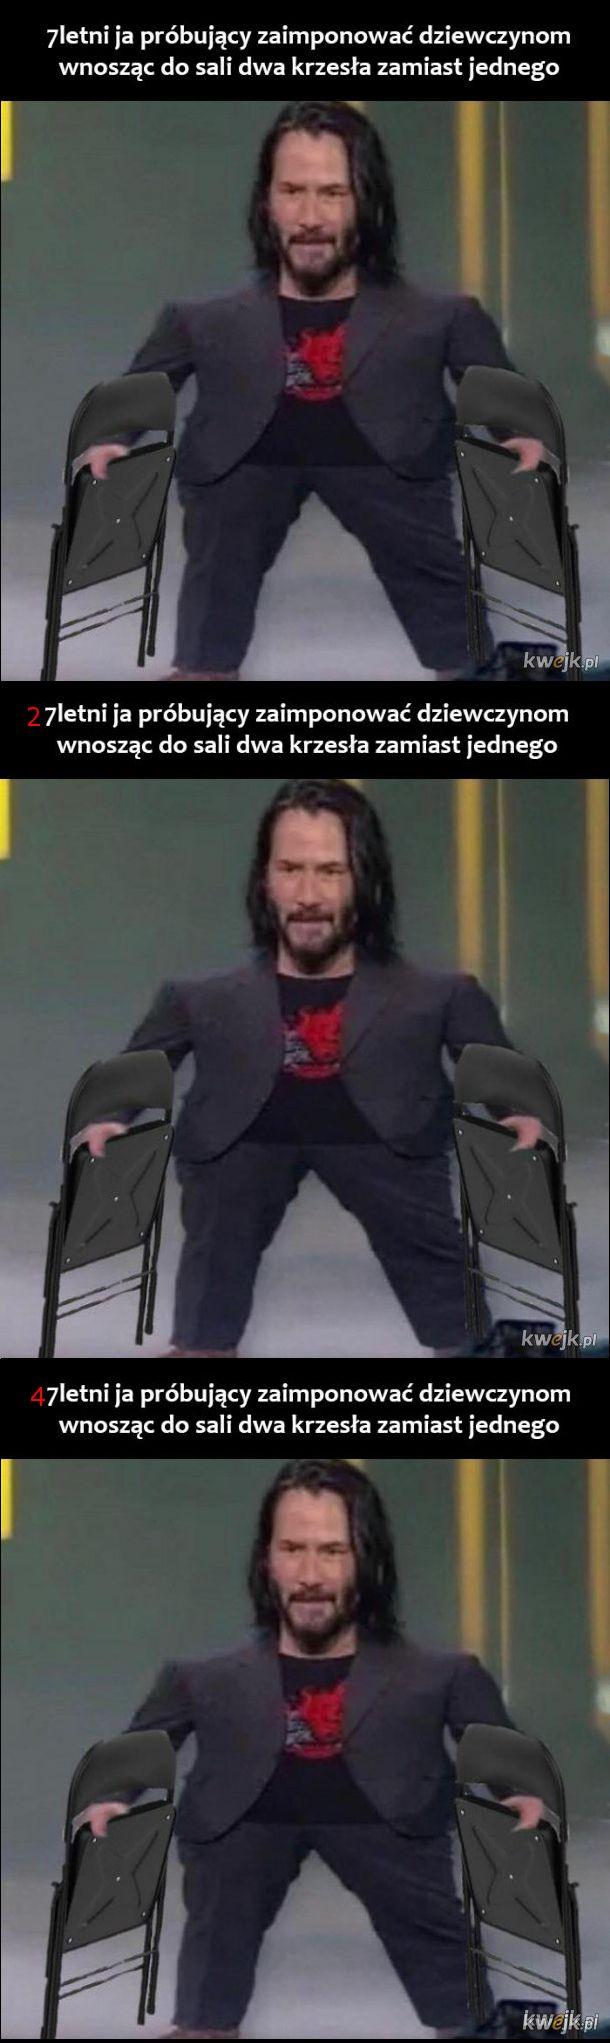 7, 27 i 47 ja i krzesła